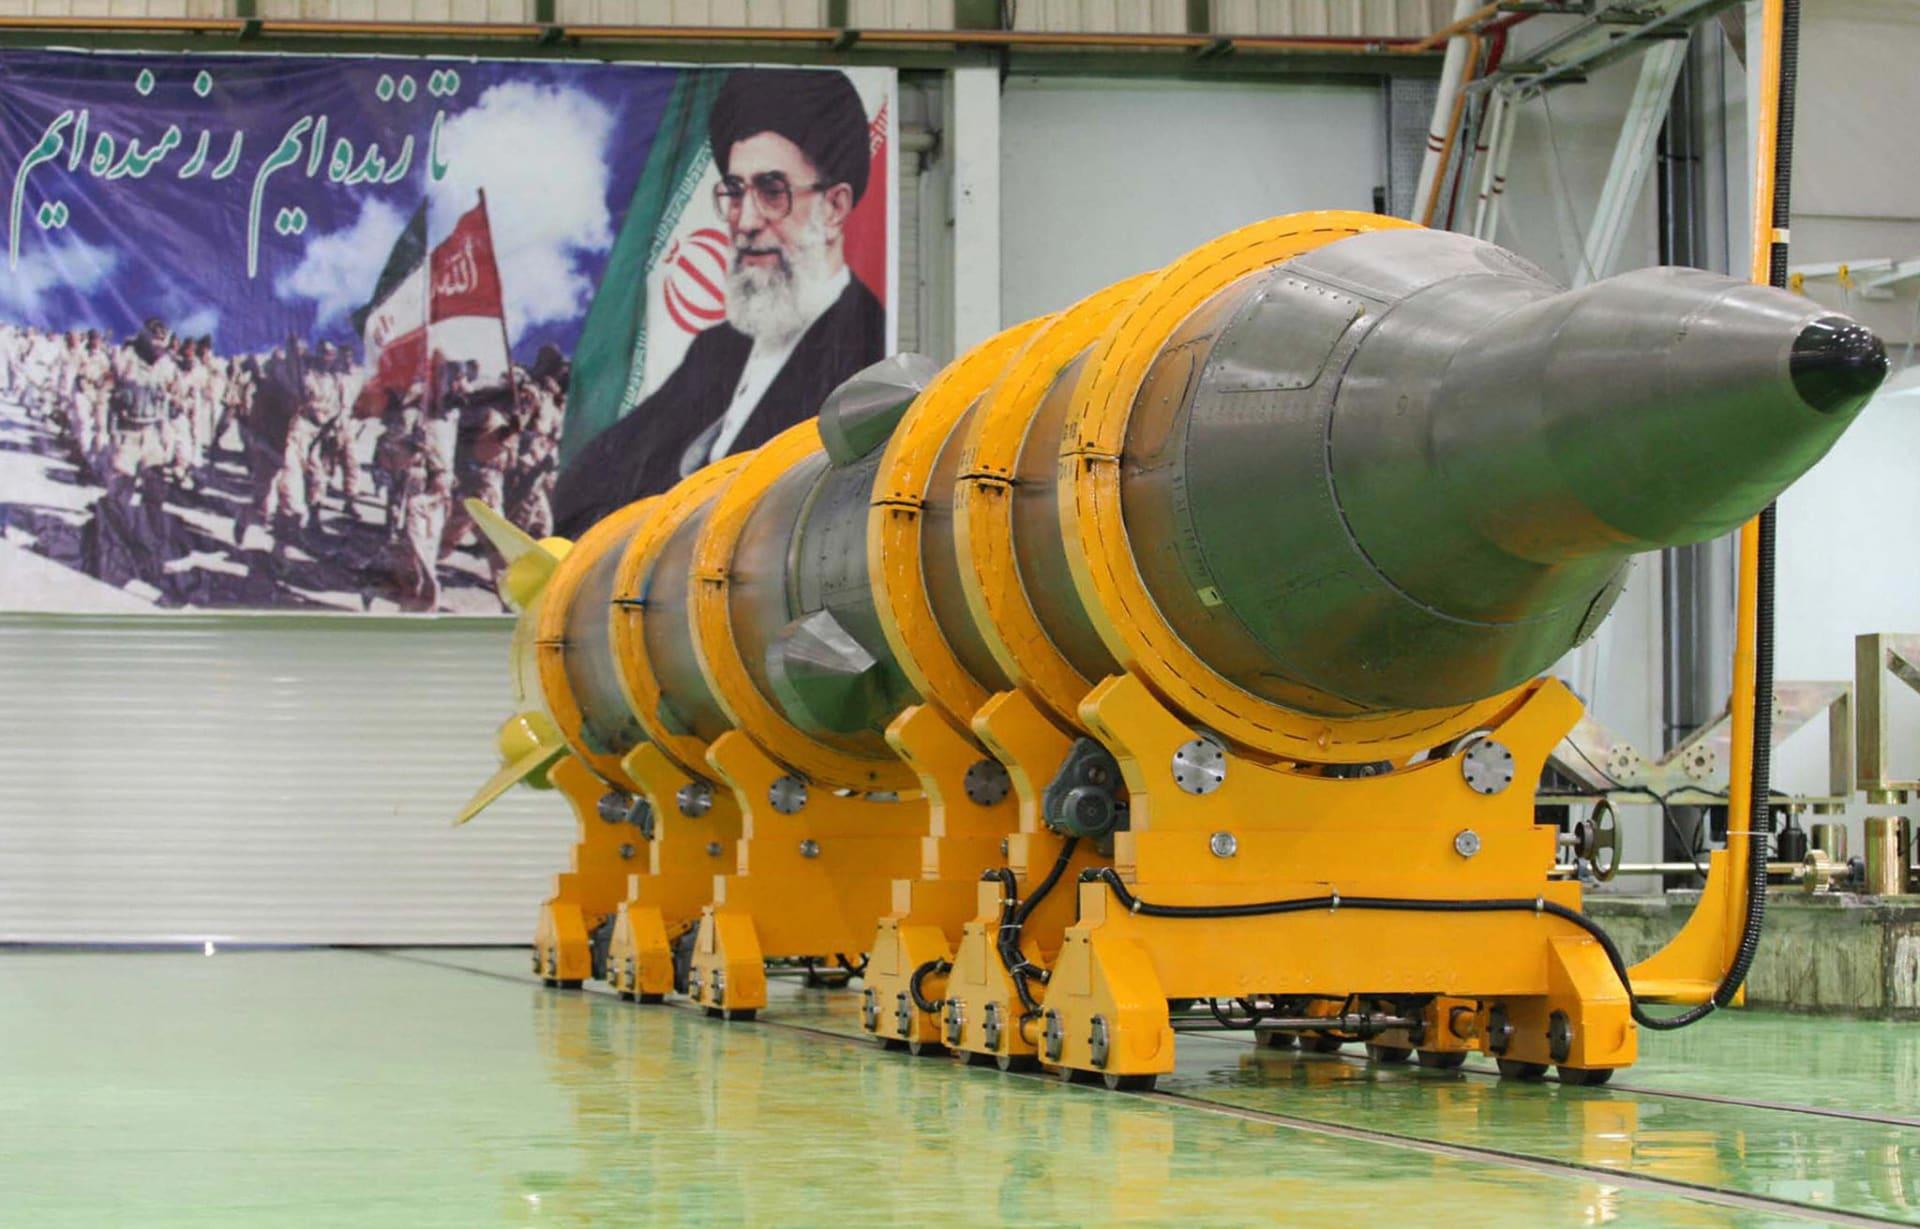 صورة تُظهر الصاروخ الجديد أرض-أرض متوسط المدى، المسمى Sejil-2، في مكان غير معروف في إيران قبل تجربته في 20 مايو 2009.